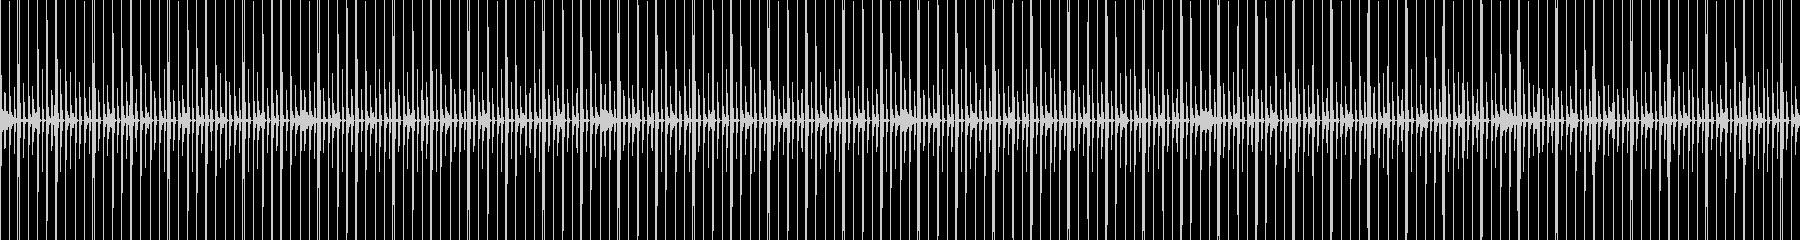 動画・雑談向け シンプルなドラムループの未再生の波形